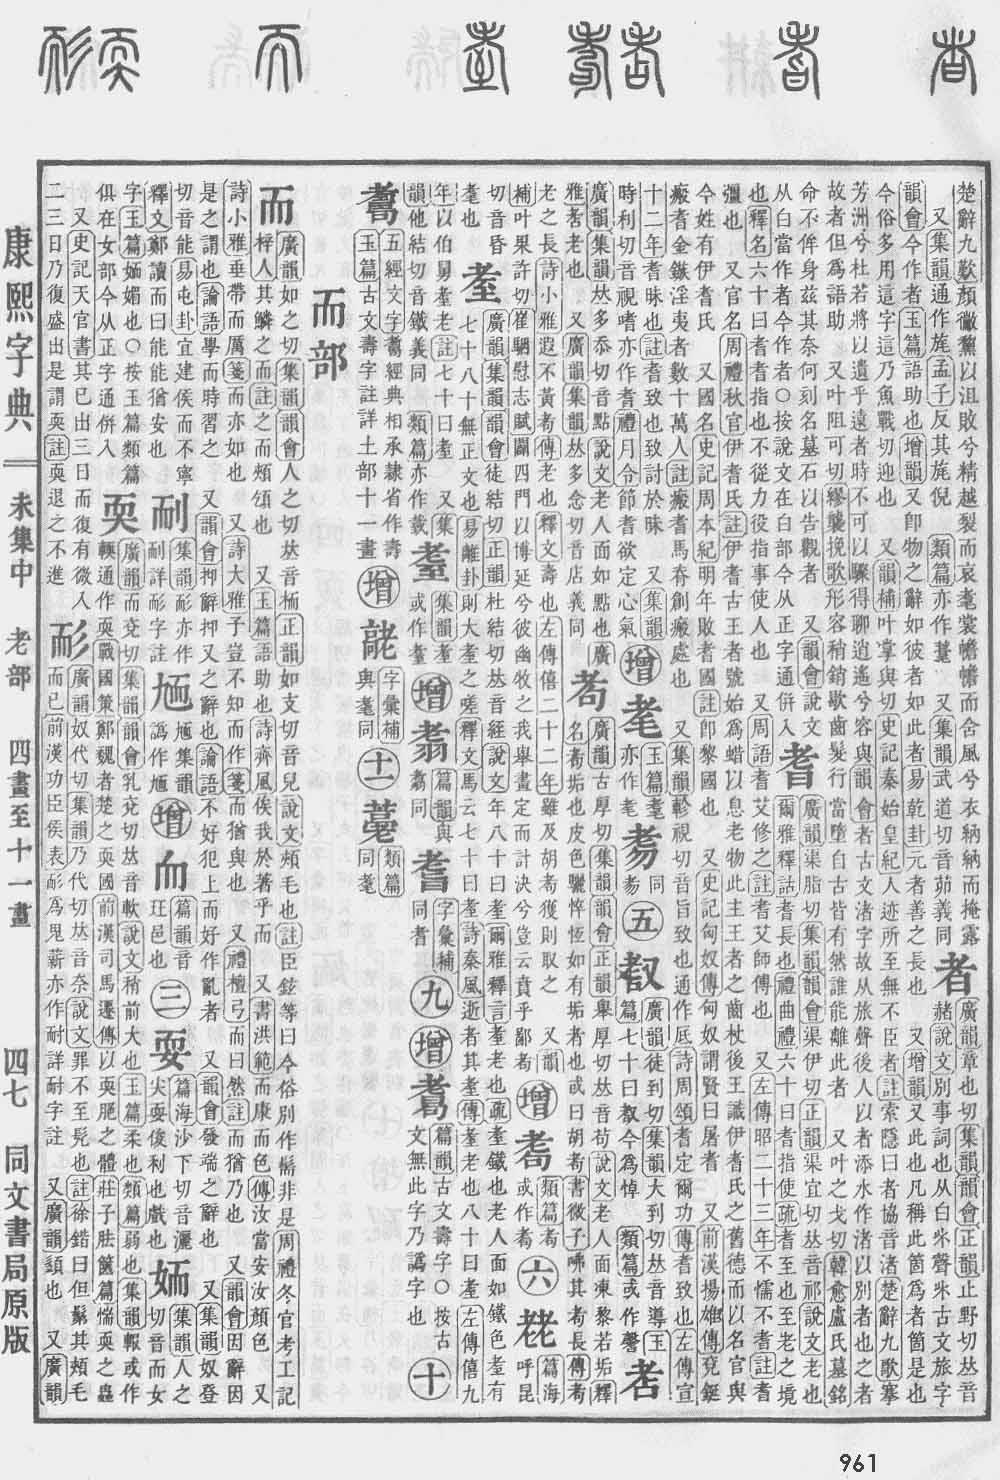 《康熙字典》第961页